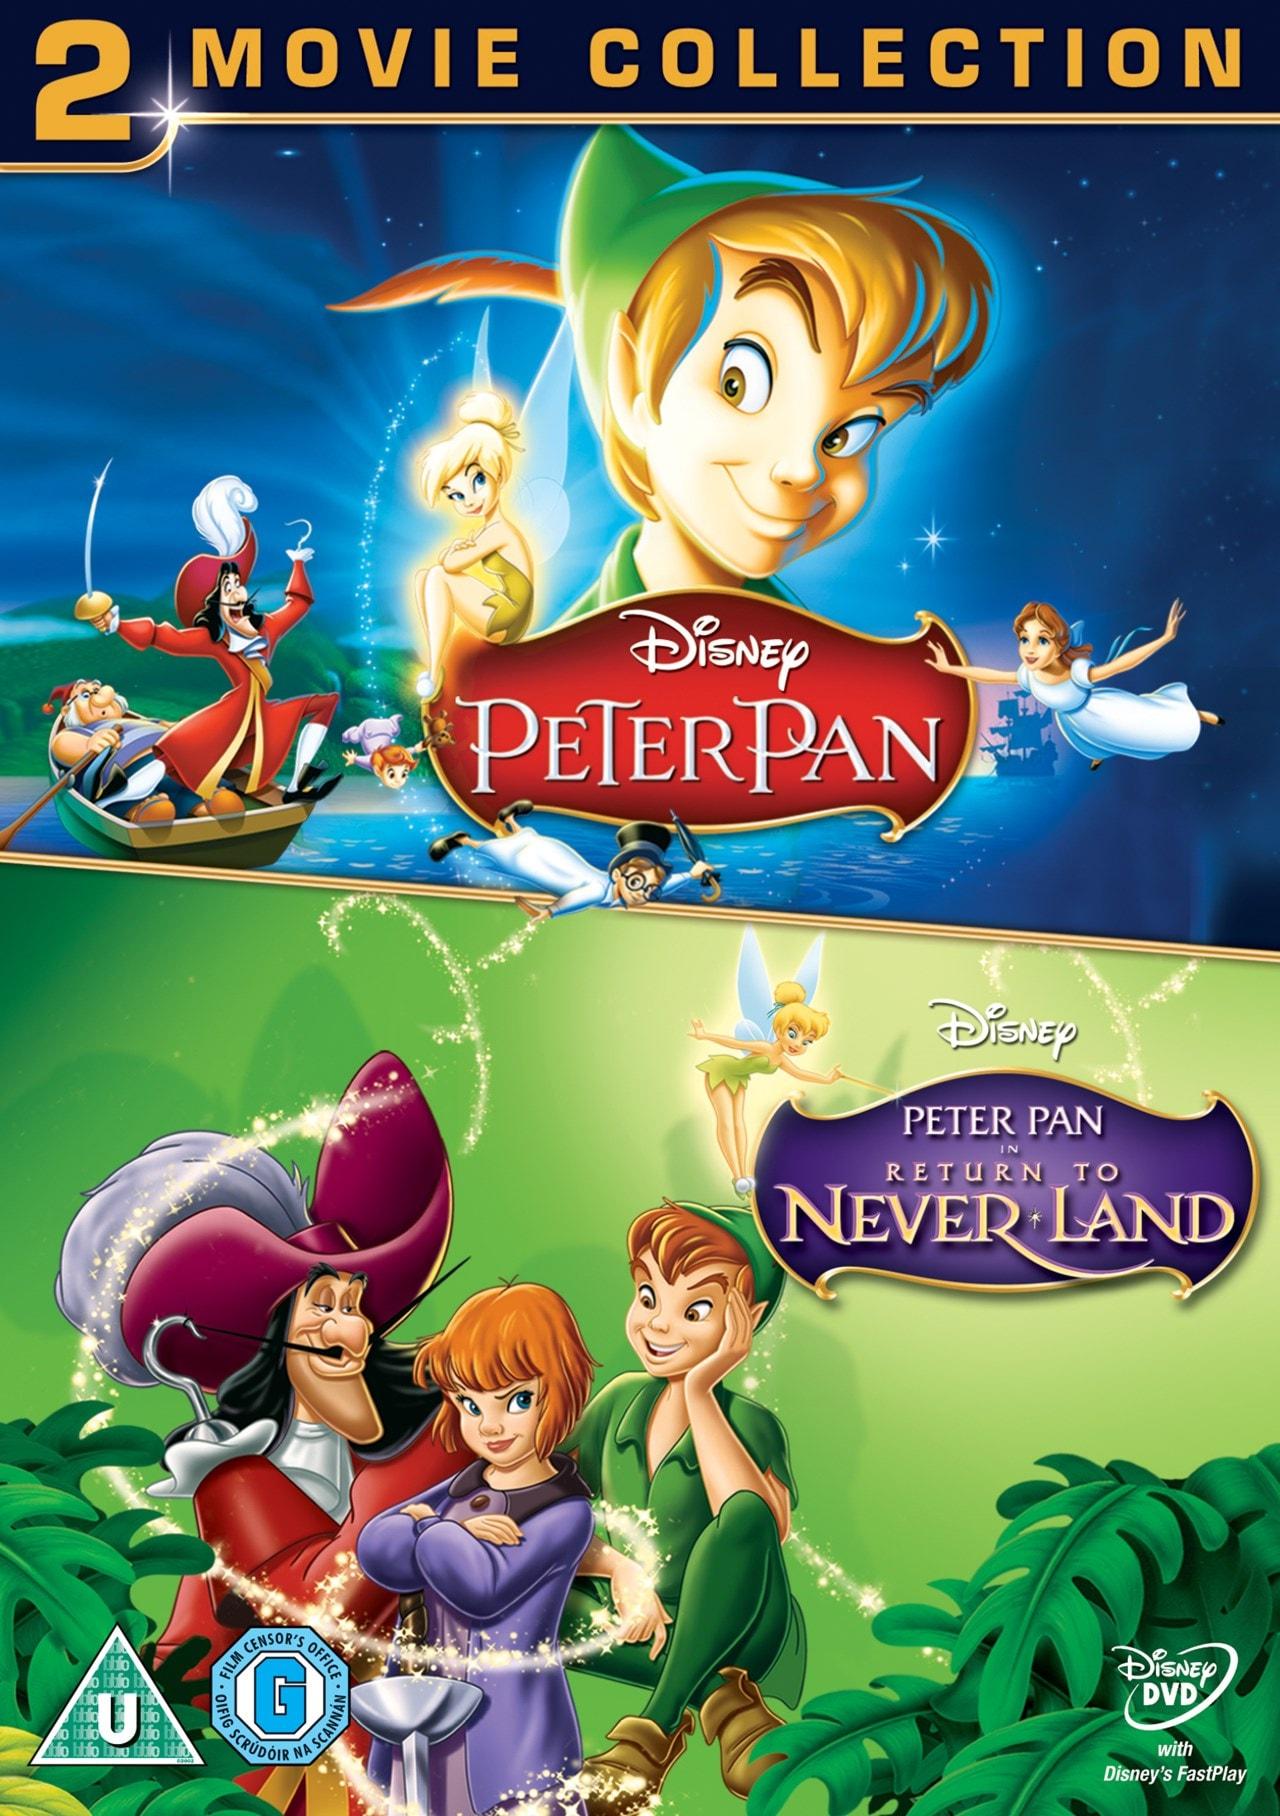 Peter Pan/Peter Pan: Return to Never Land (Disney) - 1